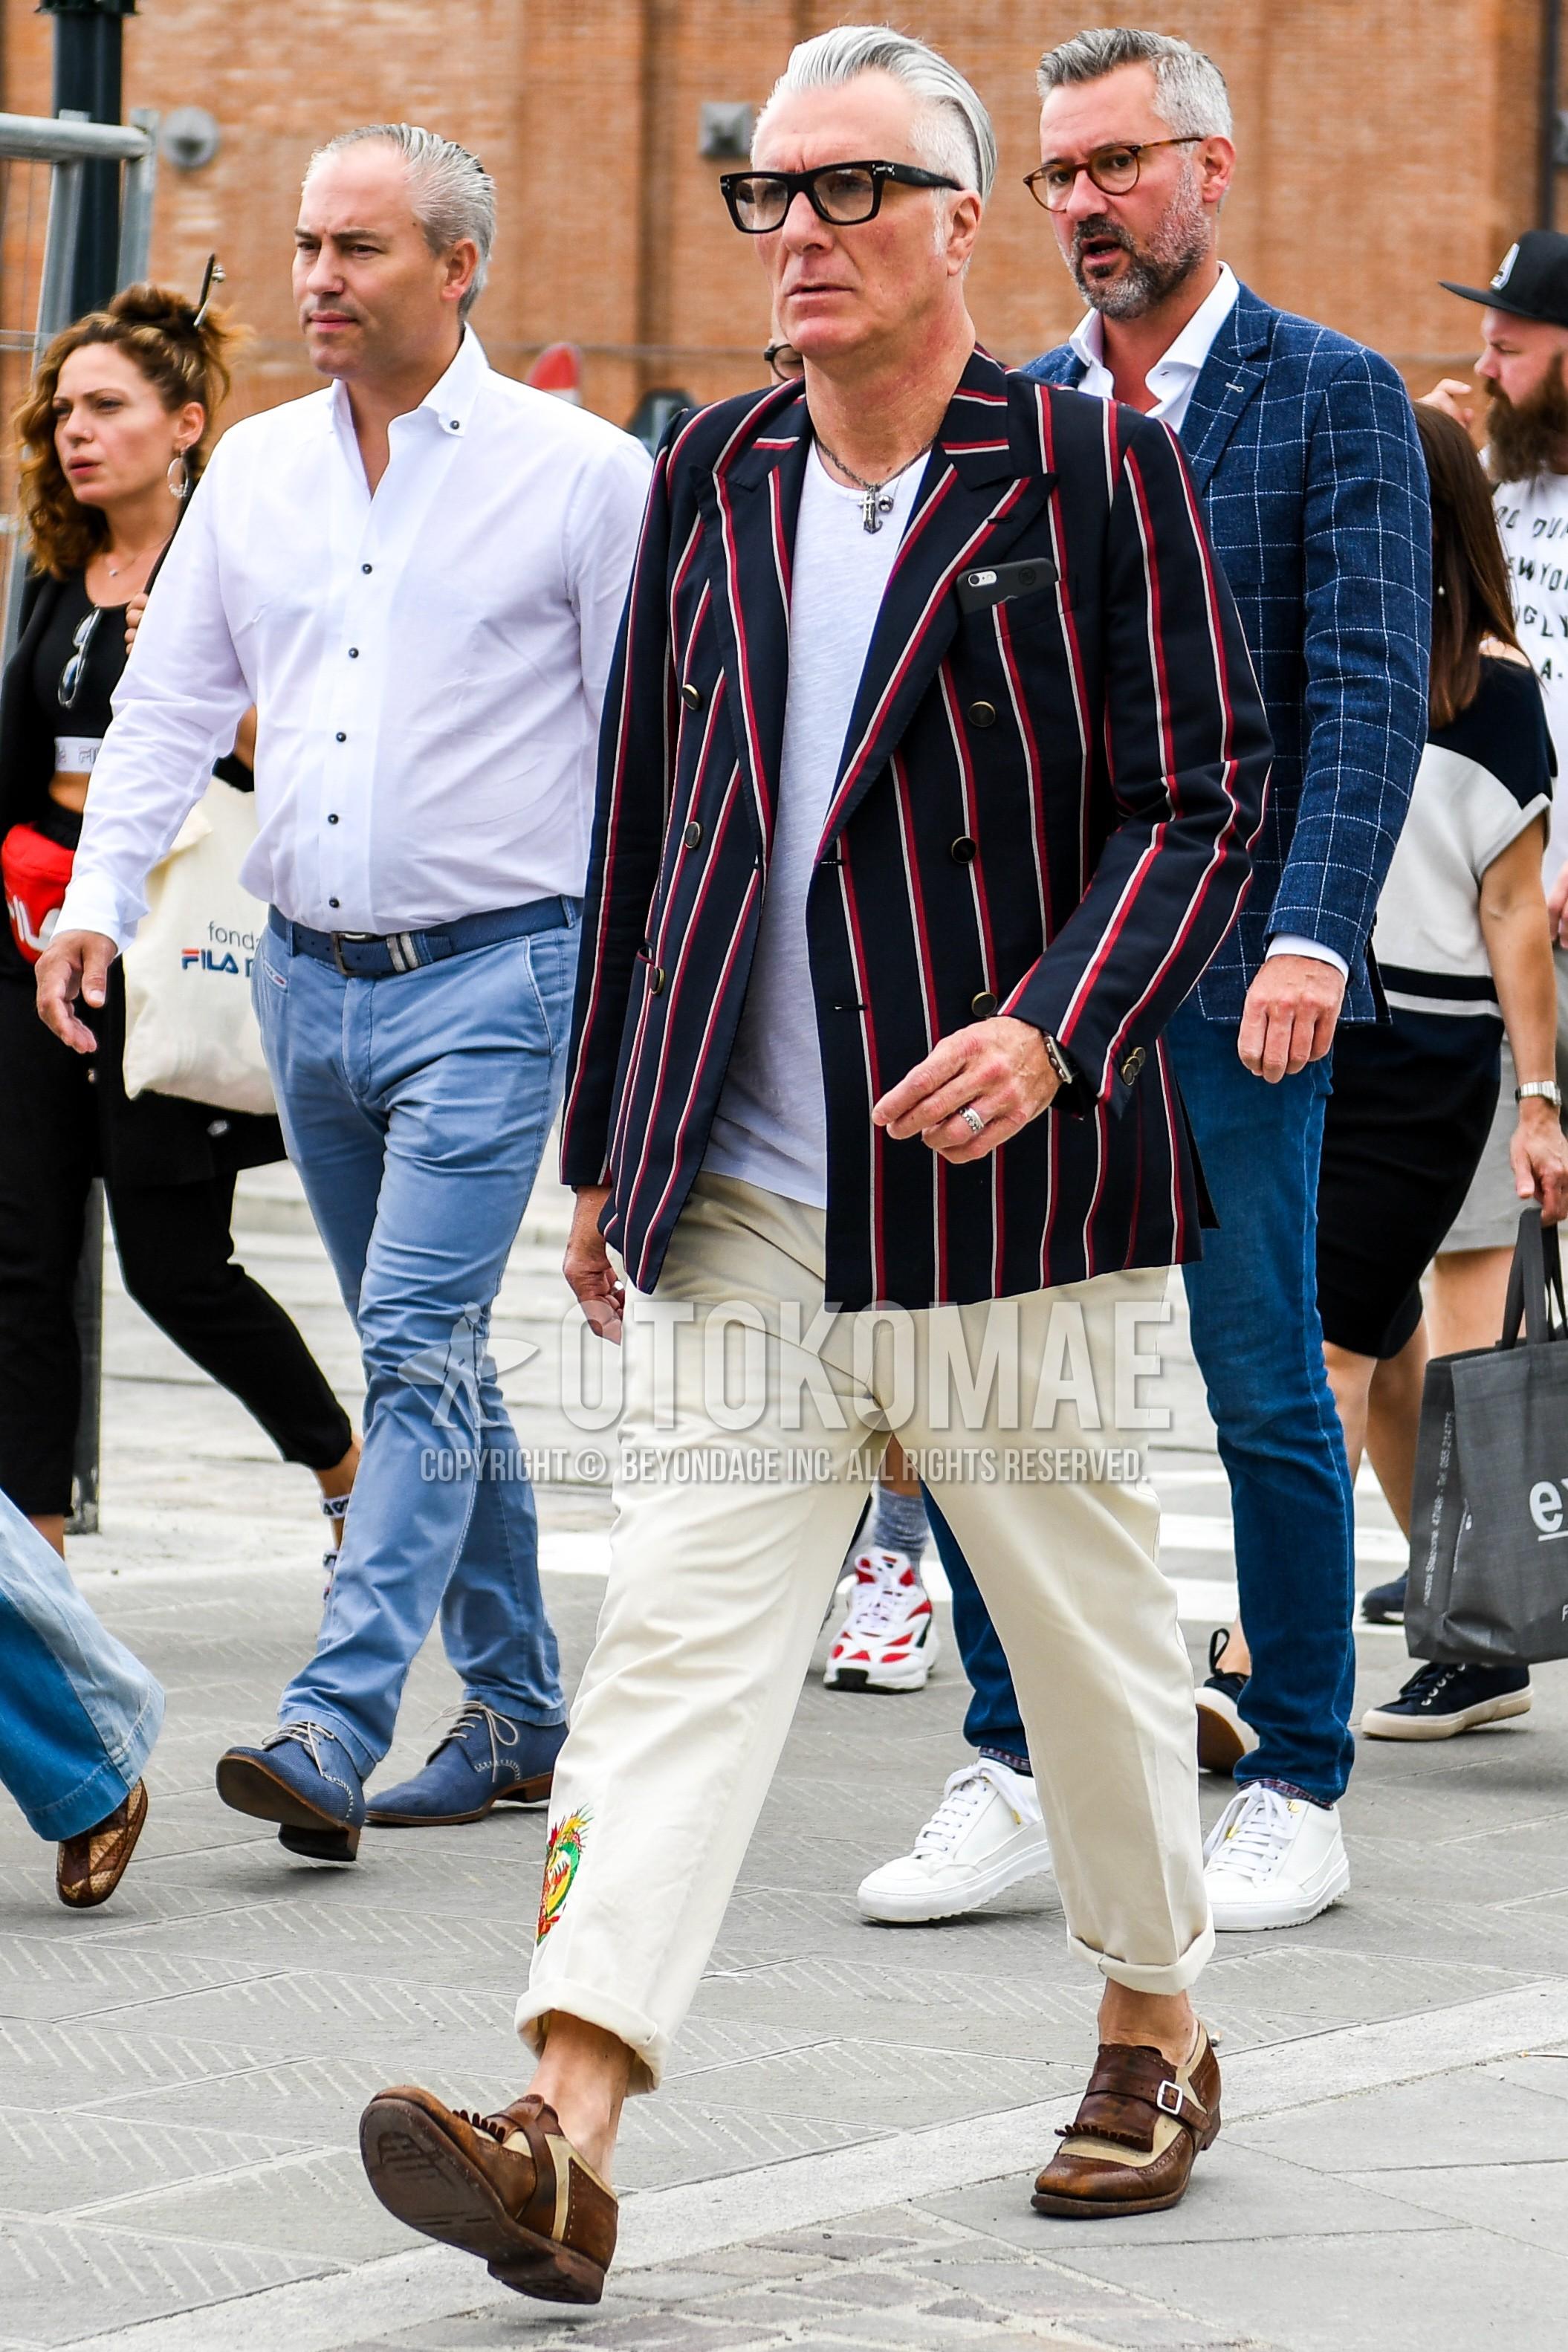 無地のメガネ、ネイビー・レッドストライプのテーラードジャケット、白無地のTシャツ、ベージュ無地のアンクルパンツ、ブラウンモンクシューズの革靴を合わせた春夏秋のメンズコーデ・着こなし。